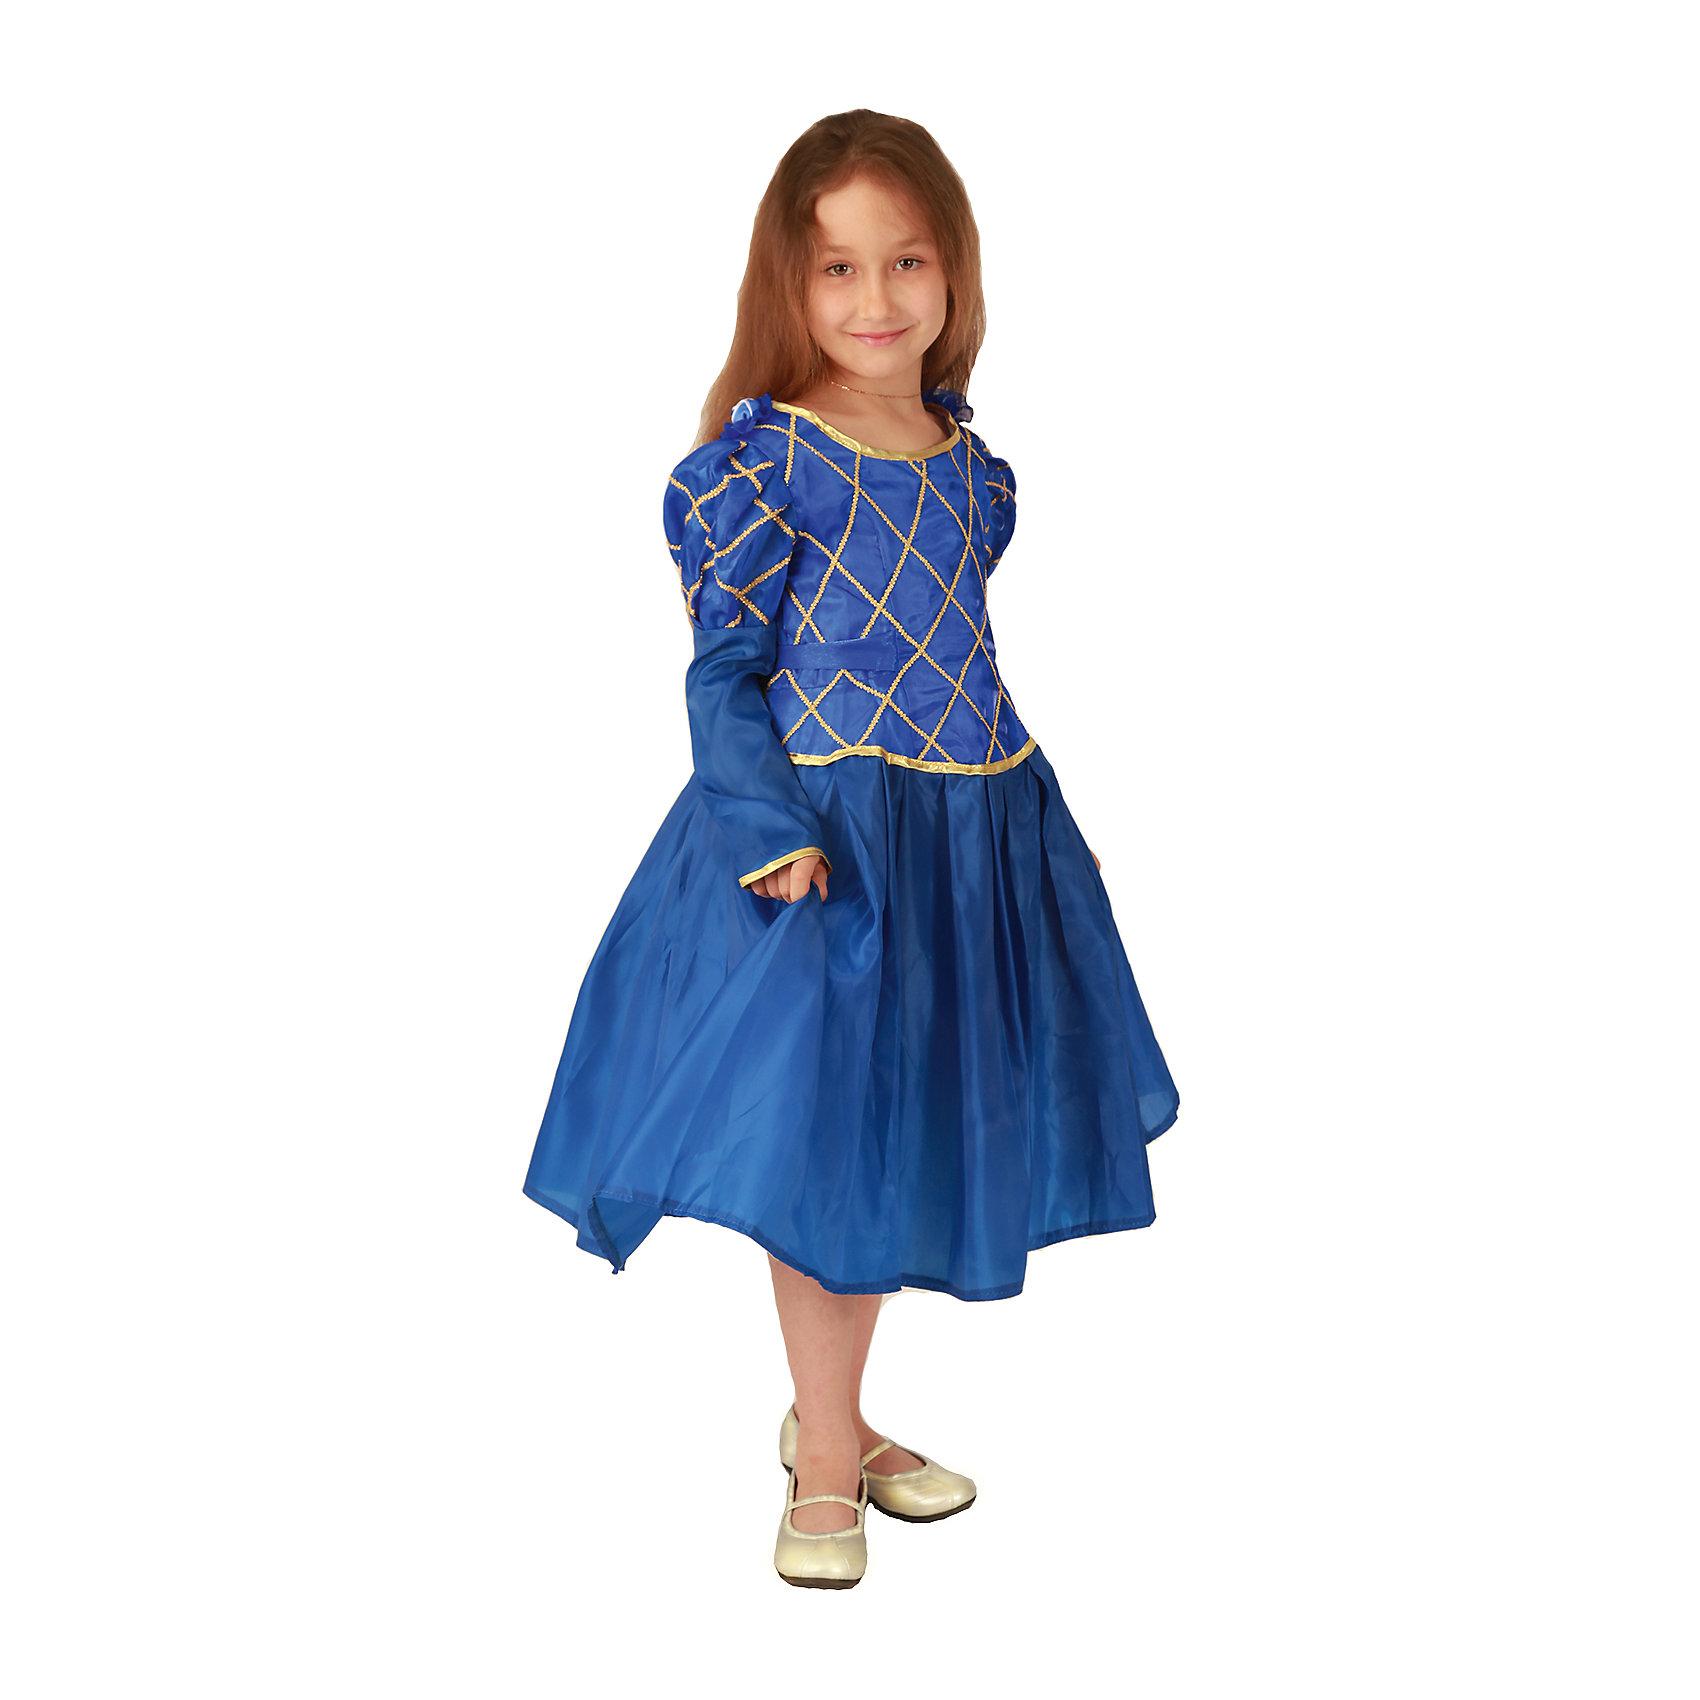 Карнавальный костюм для девочки Принцесса (синий цвет), ВестификаКарнавальные костюмы и аксессуары<br>Карнавальный костюм Принцесса предназначен для самых красивых и самых капризных маленьких принцесс. Костюм состоит из красивого пышного бального платья и подъюбника с несколькими слоями фатина, который создает пышность и придает юбке дополнительный объем. Ворот и рукава оторочены золотой бейкой, само платье украшено золотой тесьмой. По ширине платье регулируется поясом, который можно завязать на спине в красивый бант. Платье застегивается на спине на липучки<br><br>Дополнительная информация:<br><br>Комплектация:<br>Платье из тафеты<br>Подъюбник из бязи и фатина<br>Ткани:<br>Тафета (100% полиэстер)<br>Фатин (100% полиэстер)<br>Бязь (100% хлопок)<br><br>Карнавальный костюм для девочки Принцесса (синий цвет), Вестифика можно купить в нашем магазине.<br><br>Ширина мм: 236<br>Глубина мм: 16<br>Высота мм: 184<br>Вес г: 340<br>Цвет: разноцветный<br>Возраст от месяцев: 72<br>Возраст до месяцев: 84<br>Пол: Женский<br>Возраст: Детский<br>Размер: 116/122<br>SKU: 4389259